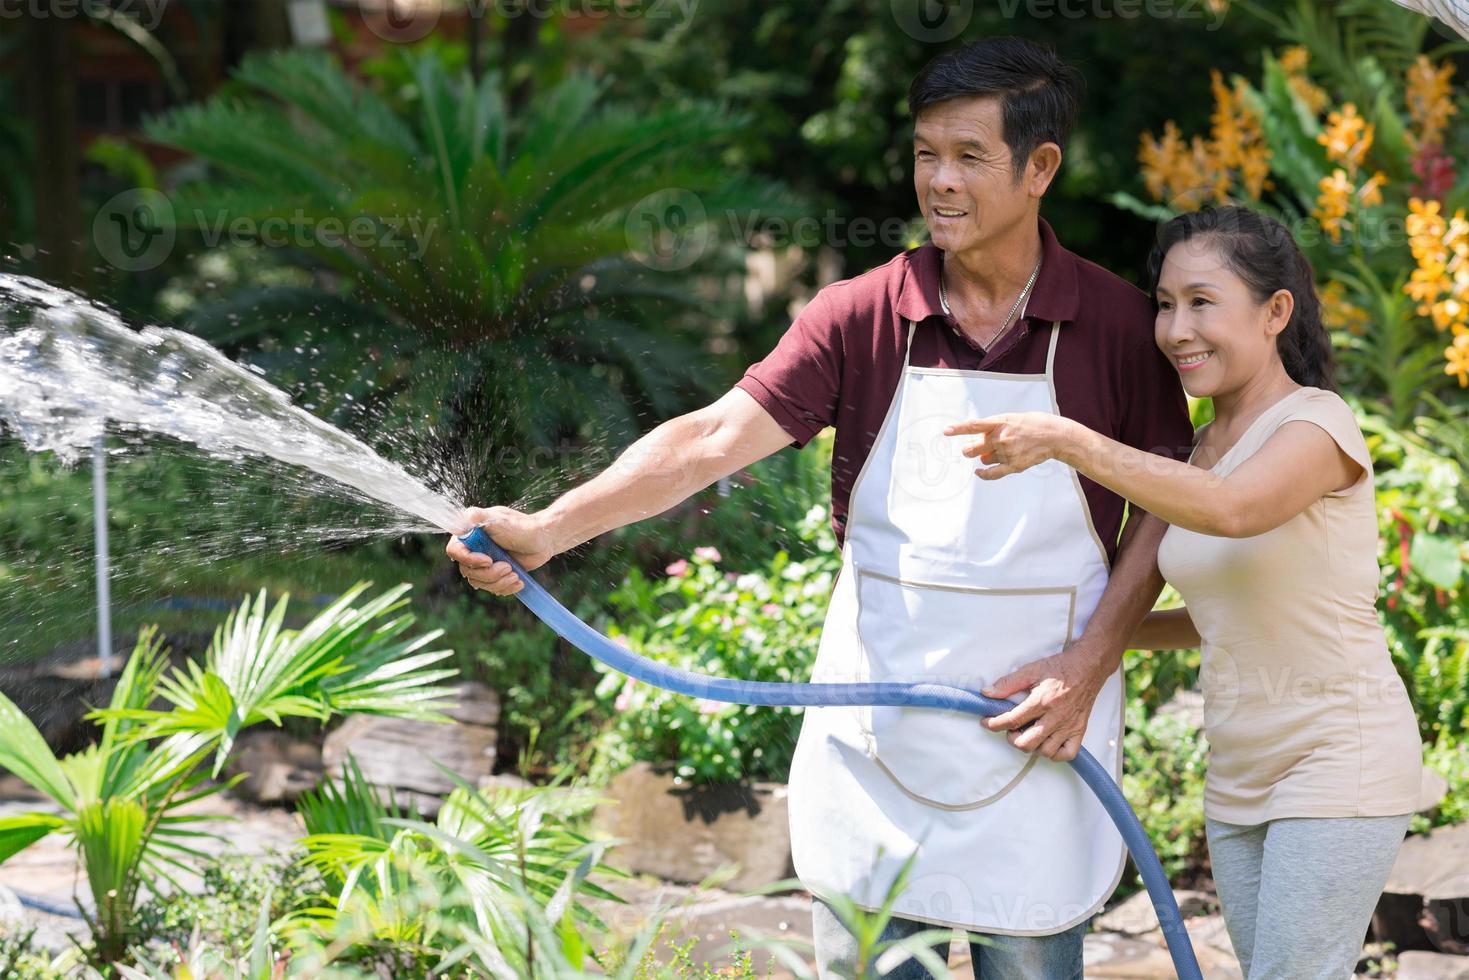 irrigação do jardim foto